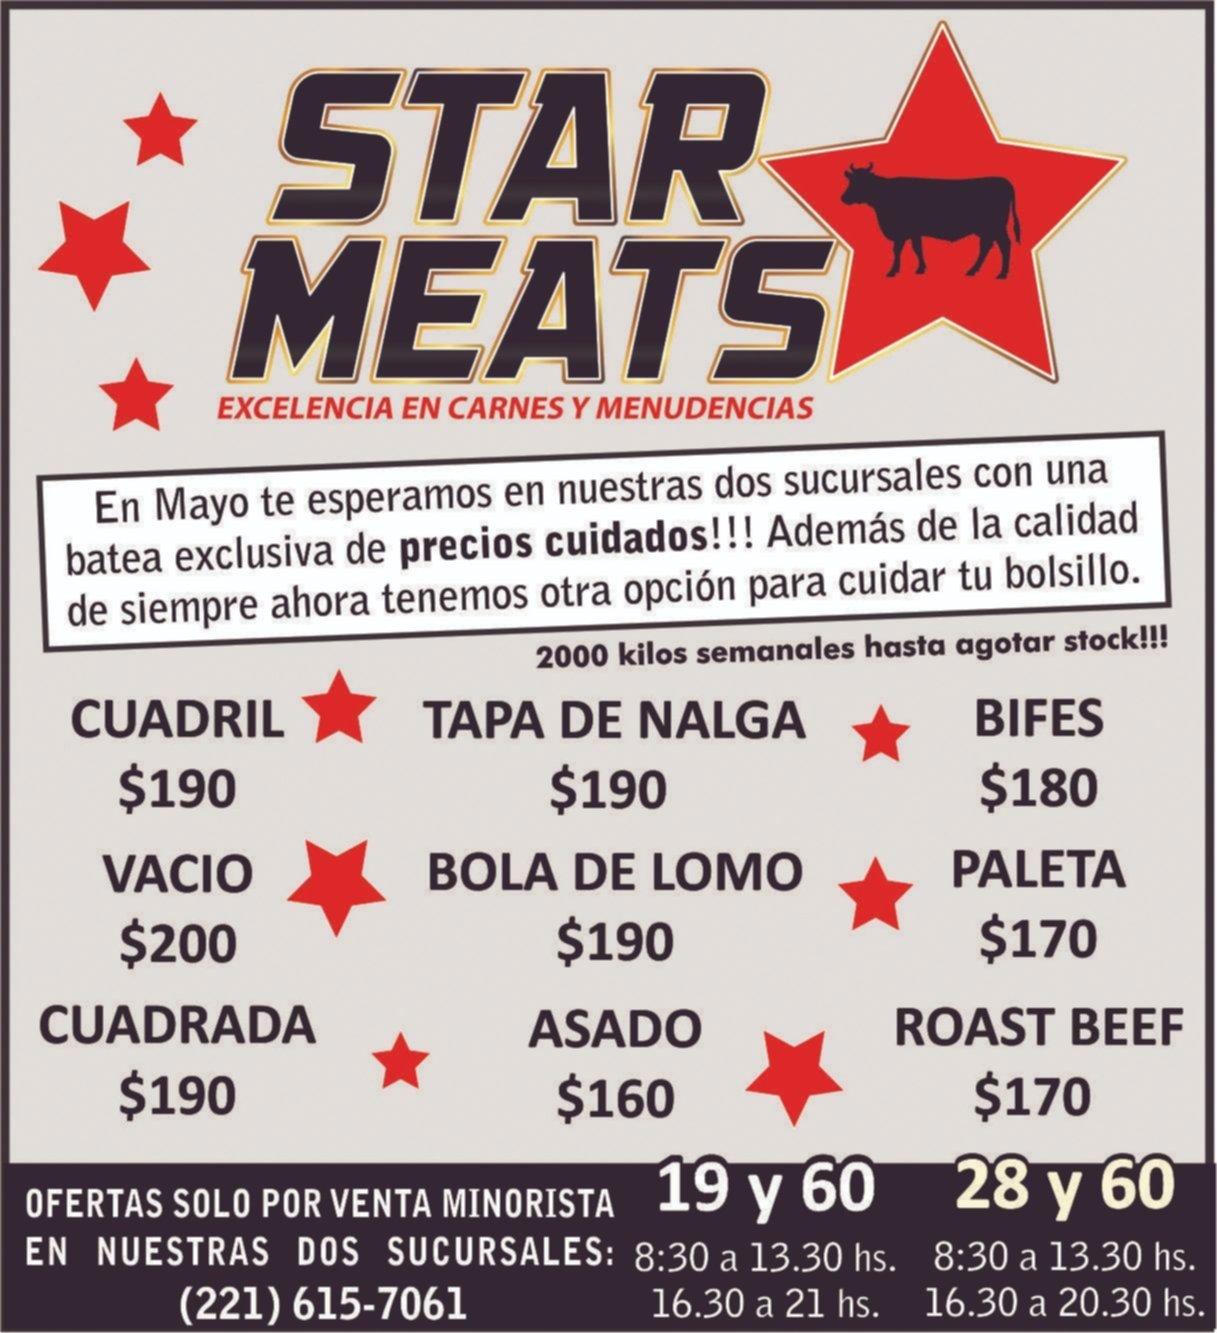 Star Meats, excelencia en carnes y menudencias